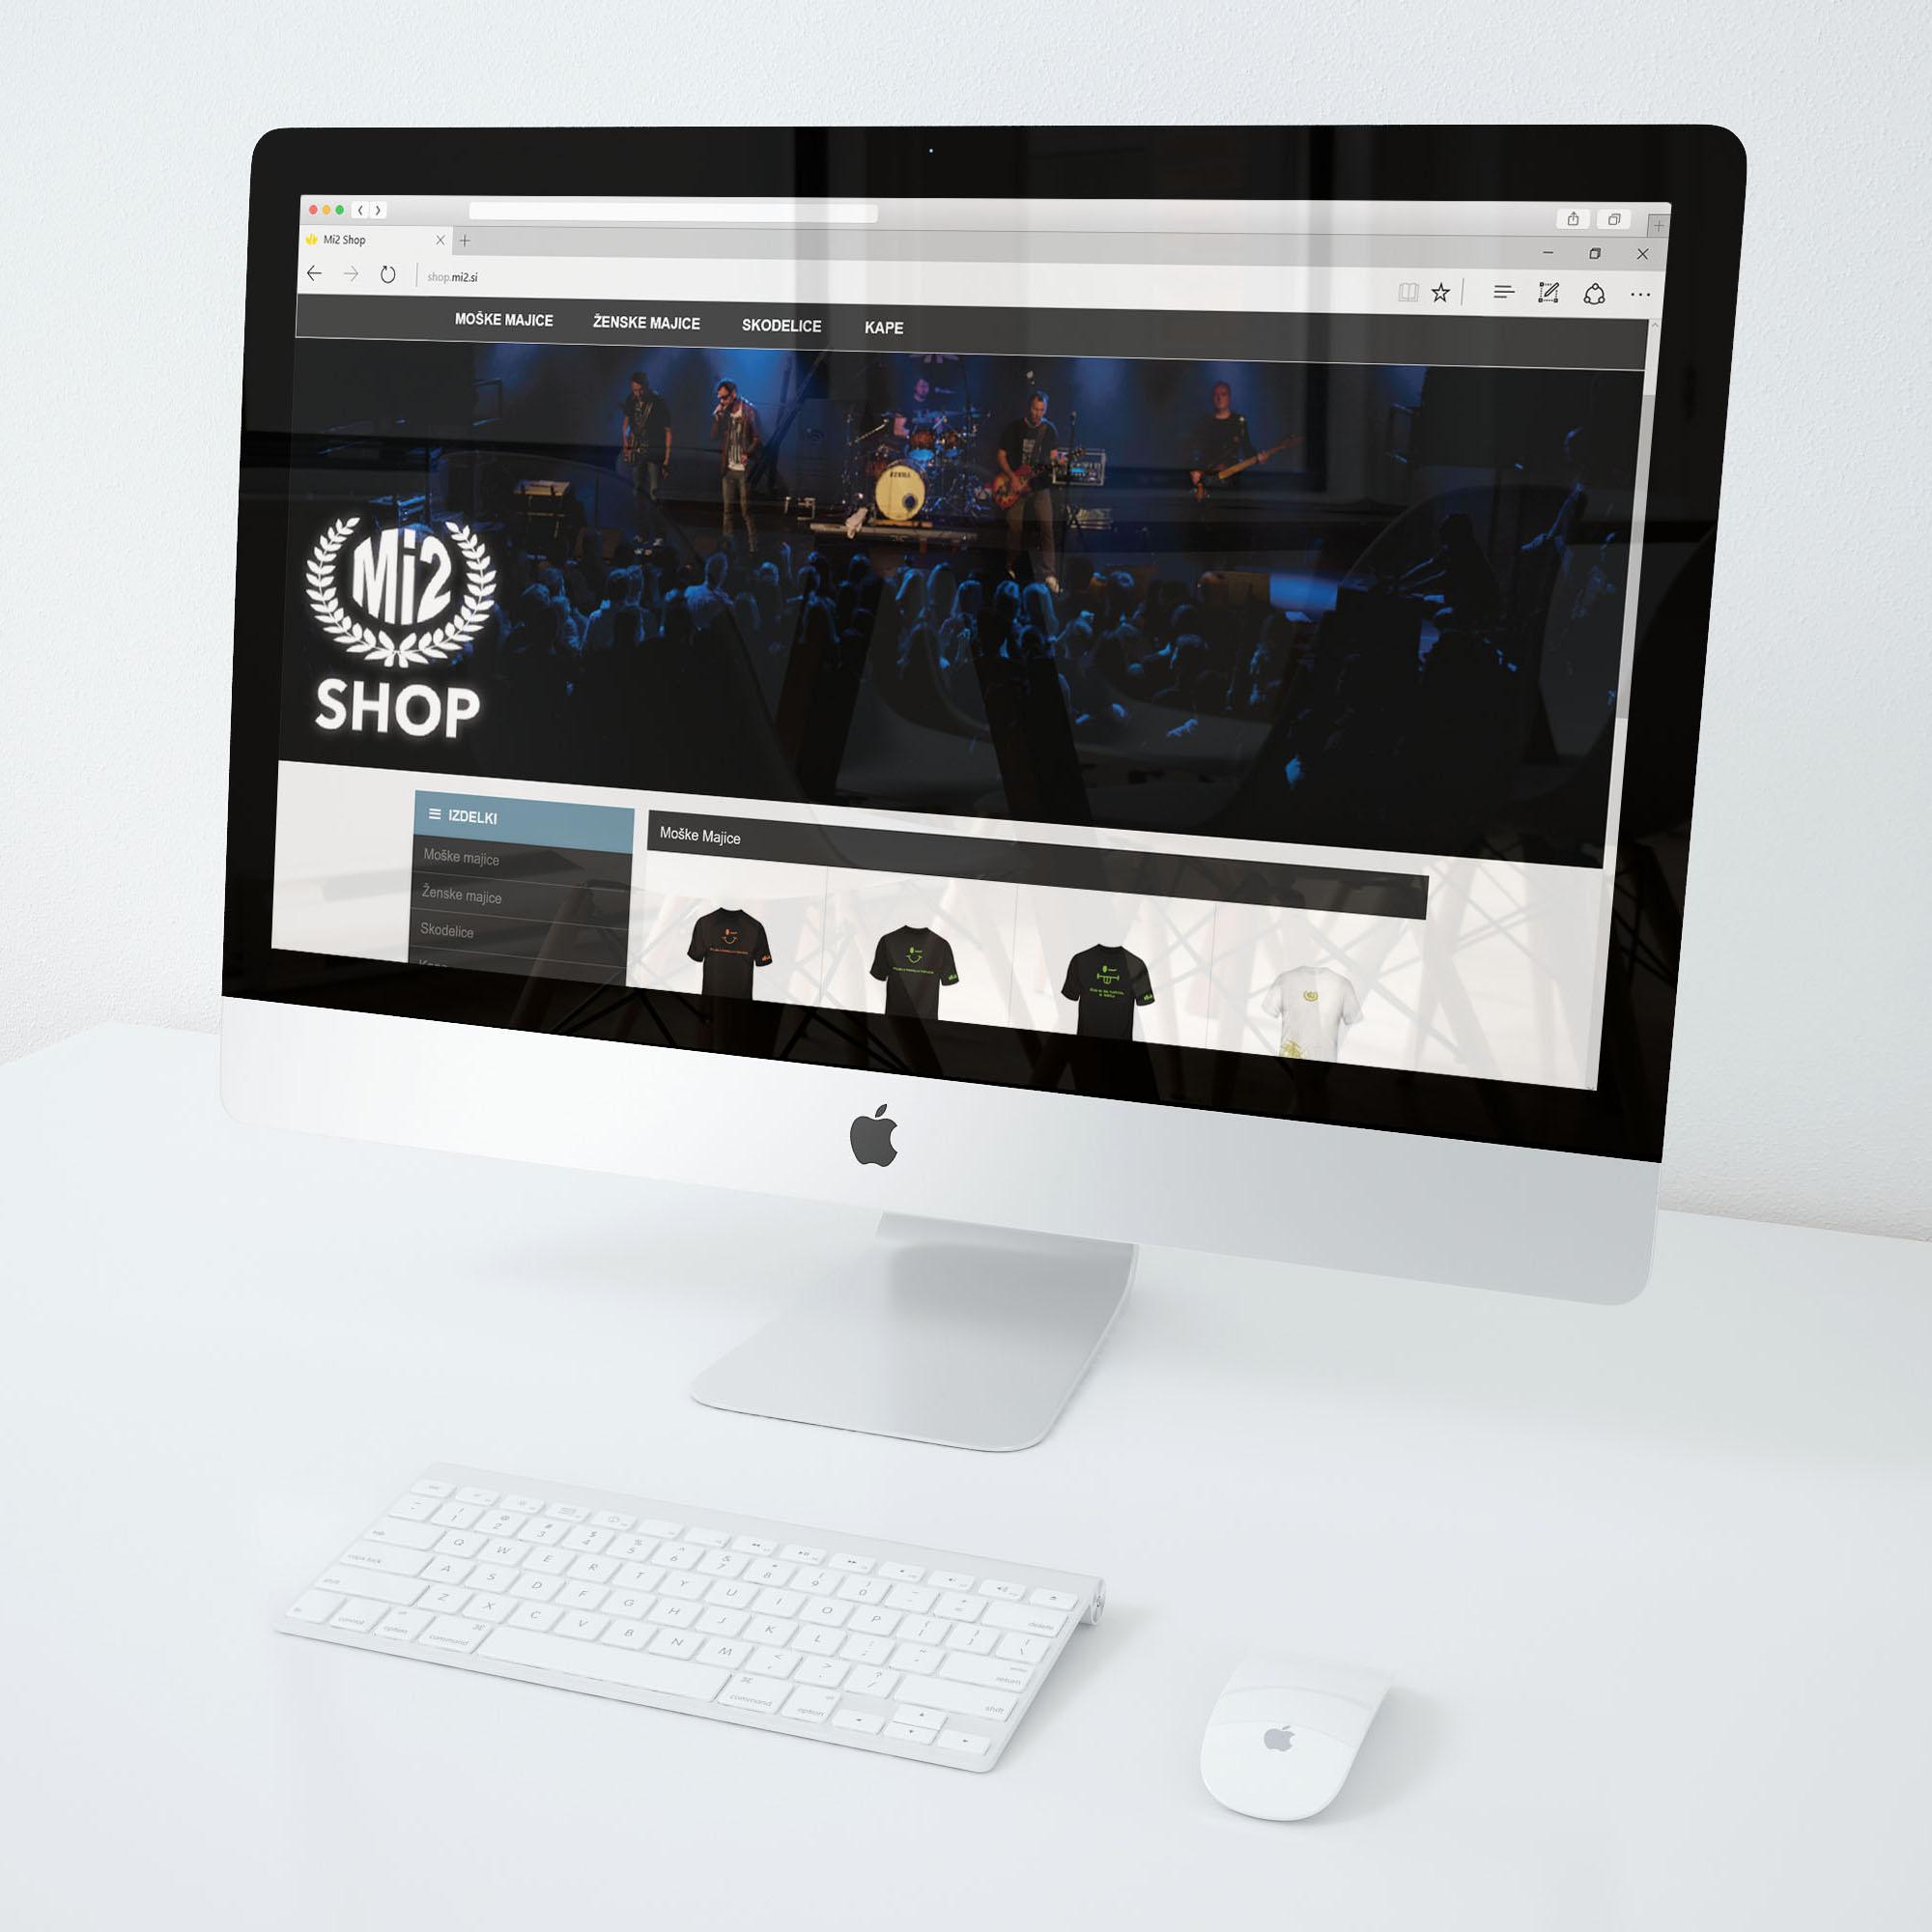 Izdelava spletne trgovine - Mi2